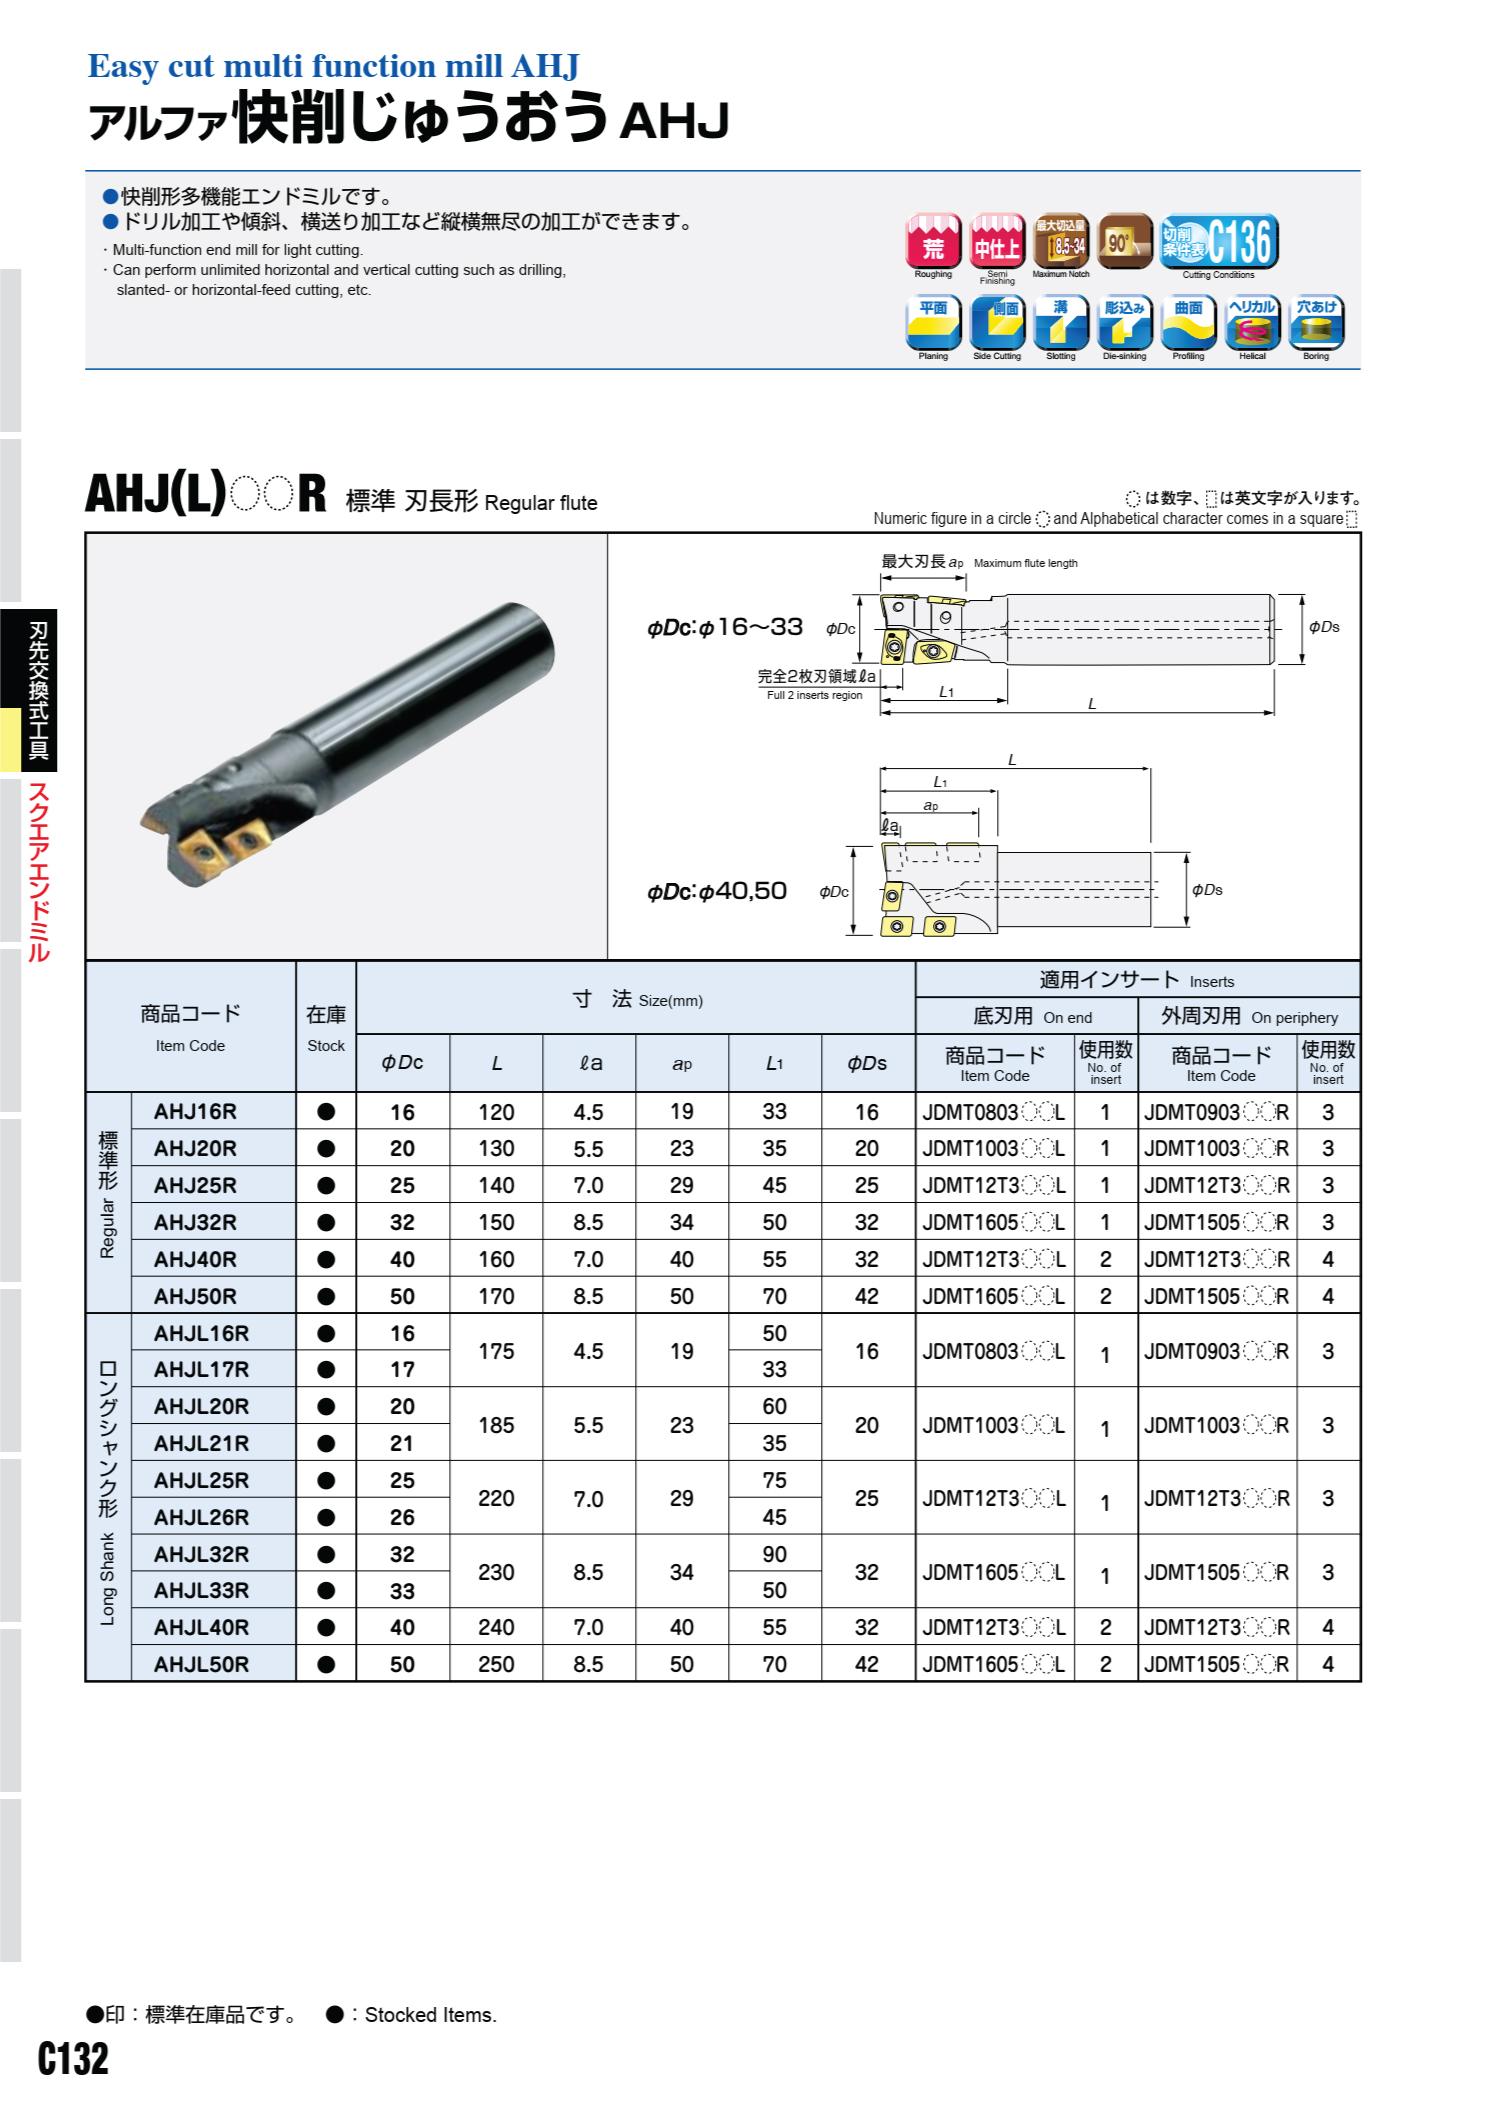 Mảnh Insert Phay Hitachi Moldino JDMT Lắp Cán Dao AHJ 2